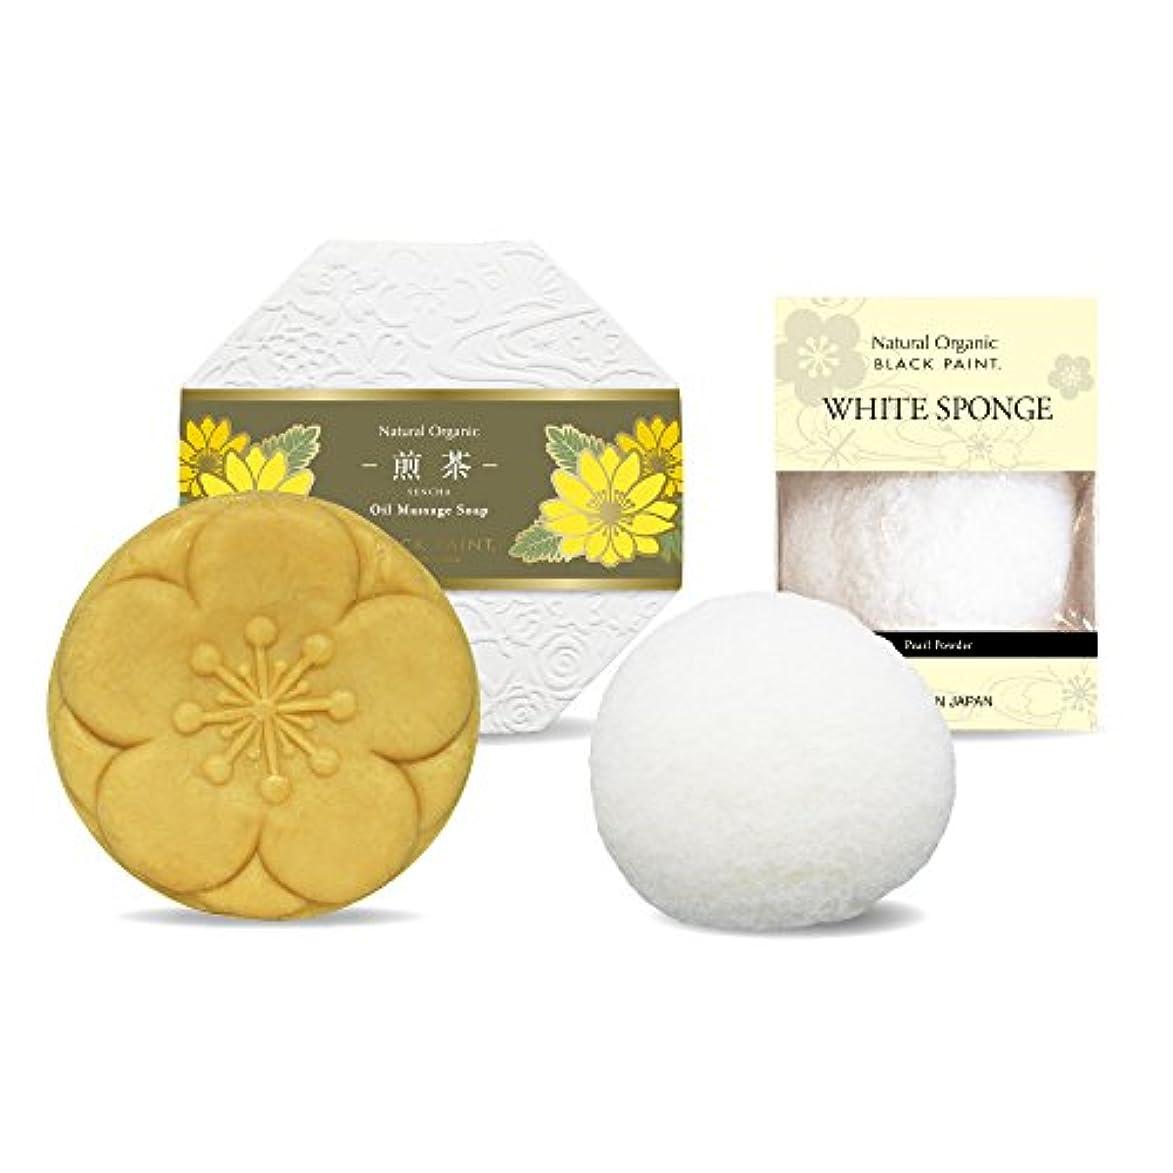 医薬品移動する準備ができて京のお茶石鹸 煎茶120g&ホワイトスポンジ 洗顔セット